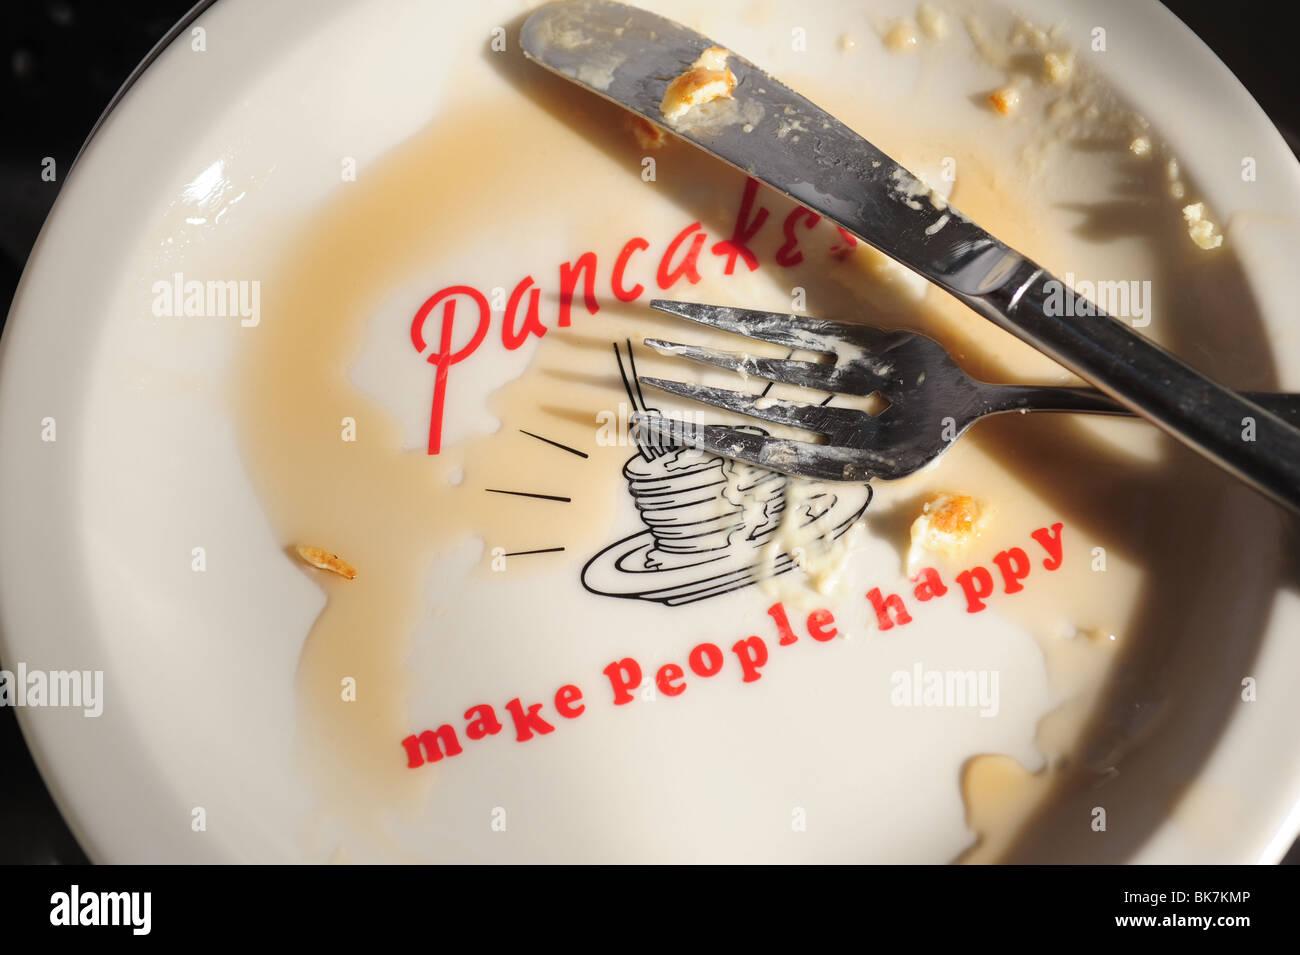 Placa vacía para tortitas, cuchillo y tenedor, jarabe- panqueques hacer feliz a la gente Imagen De Stock